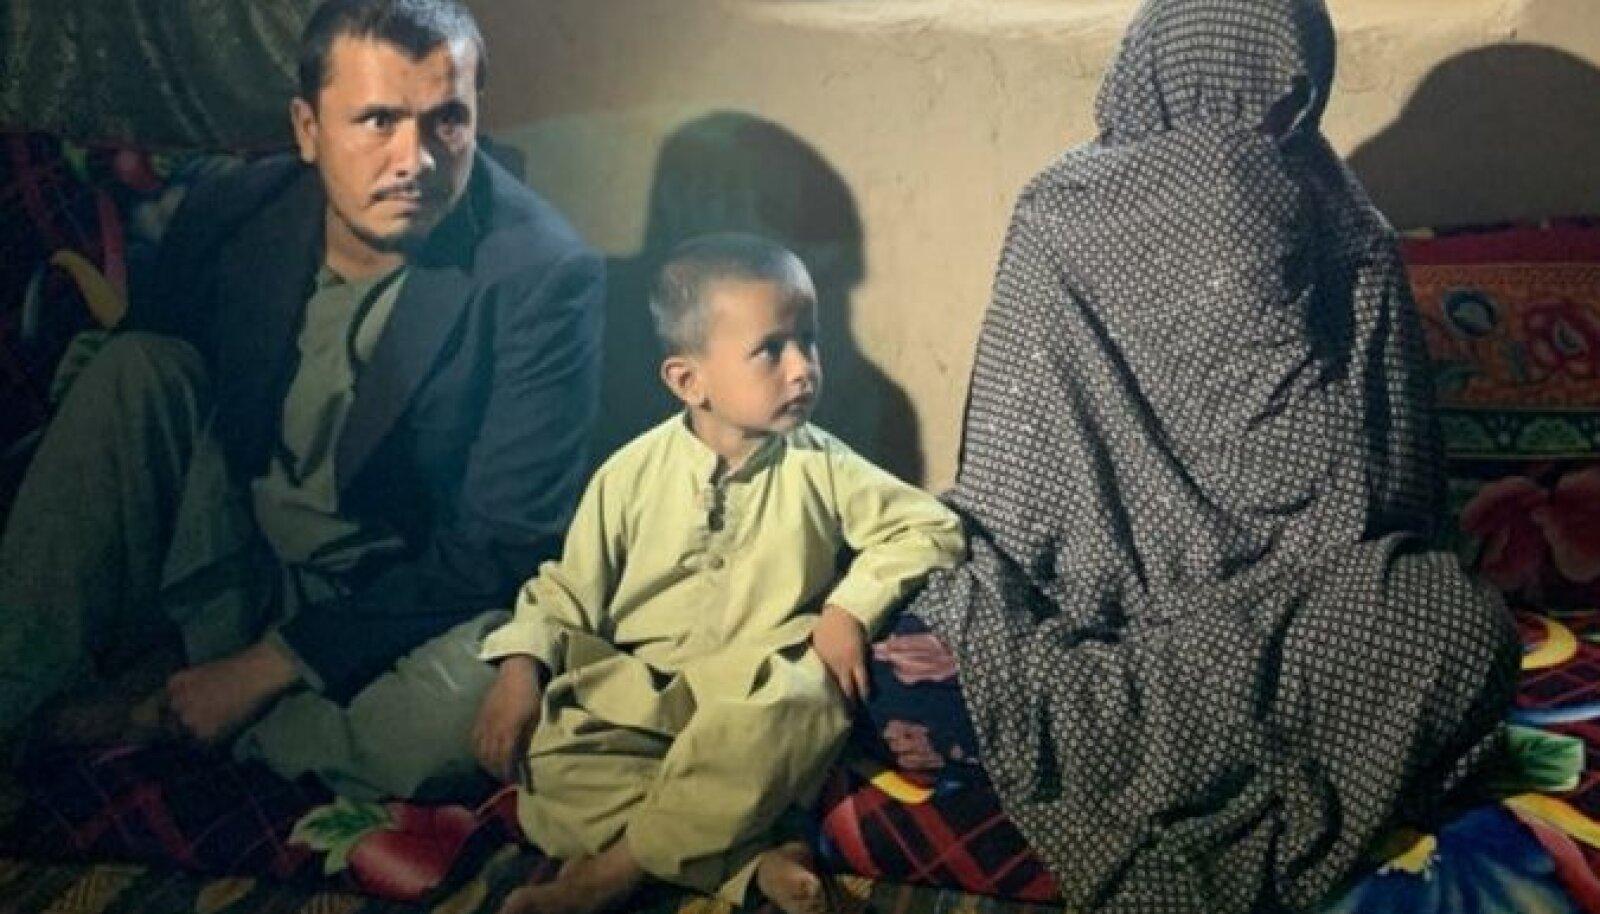 """Голхима (справа) хвалит талибов: """"Наши мужья, братья и сыновья гибли, а теперь с этим покончено, и мы испытываем облегчение"""""""